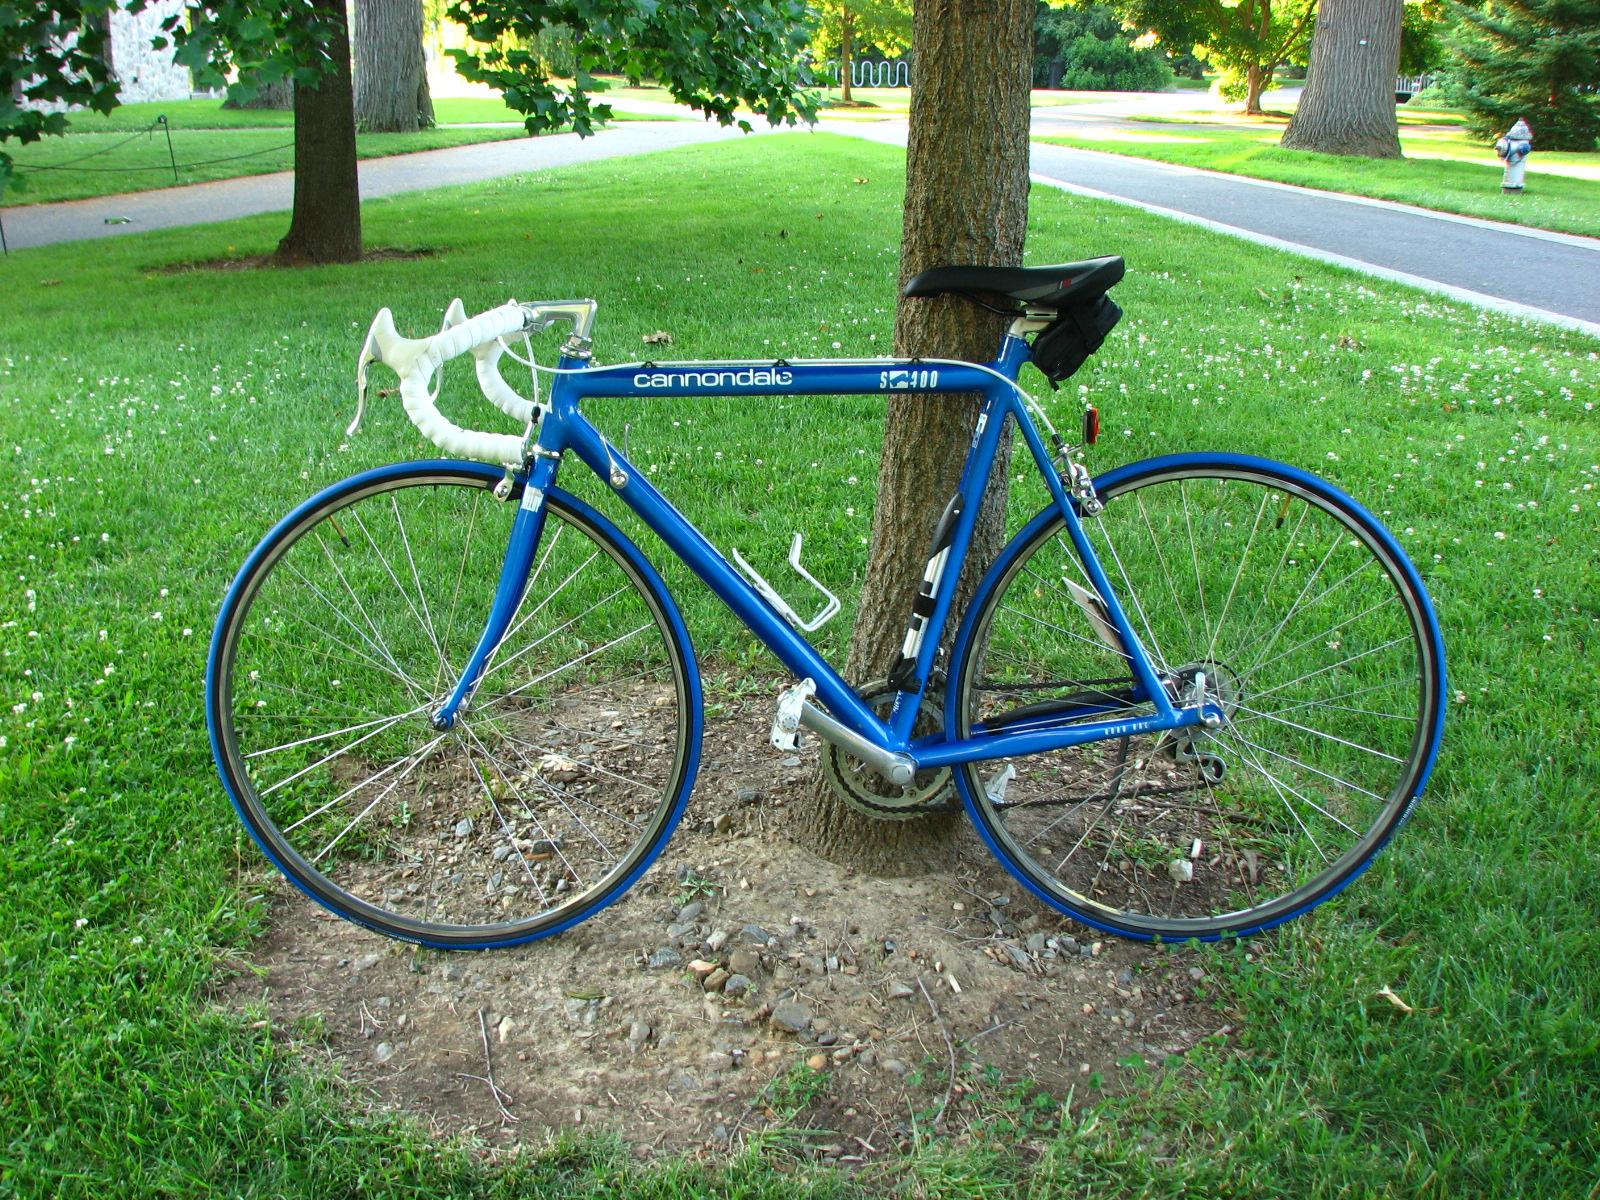 Bike Cannondale Sr400 cannondale sr rioleo org